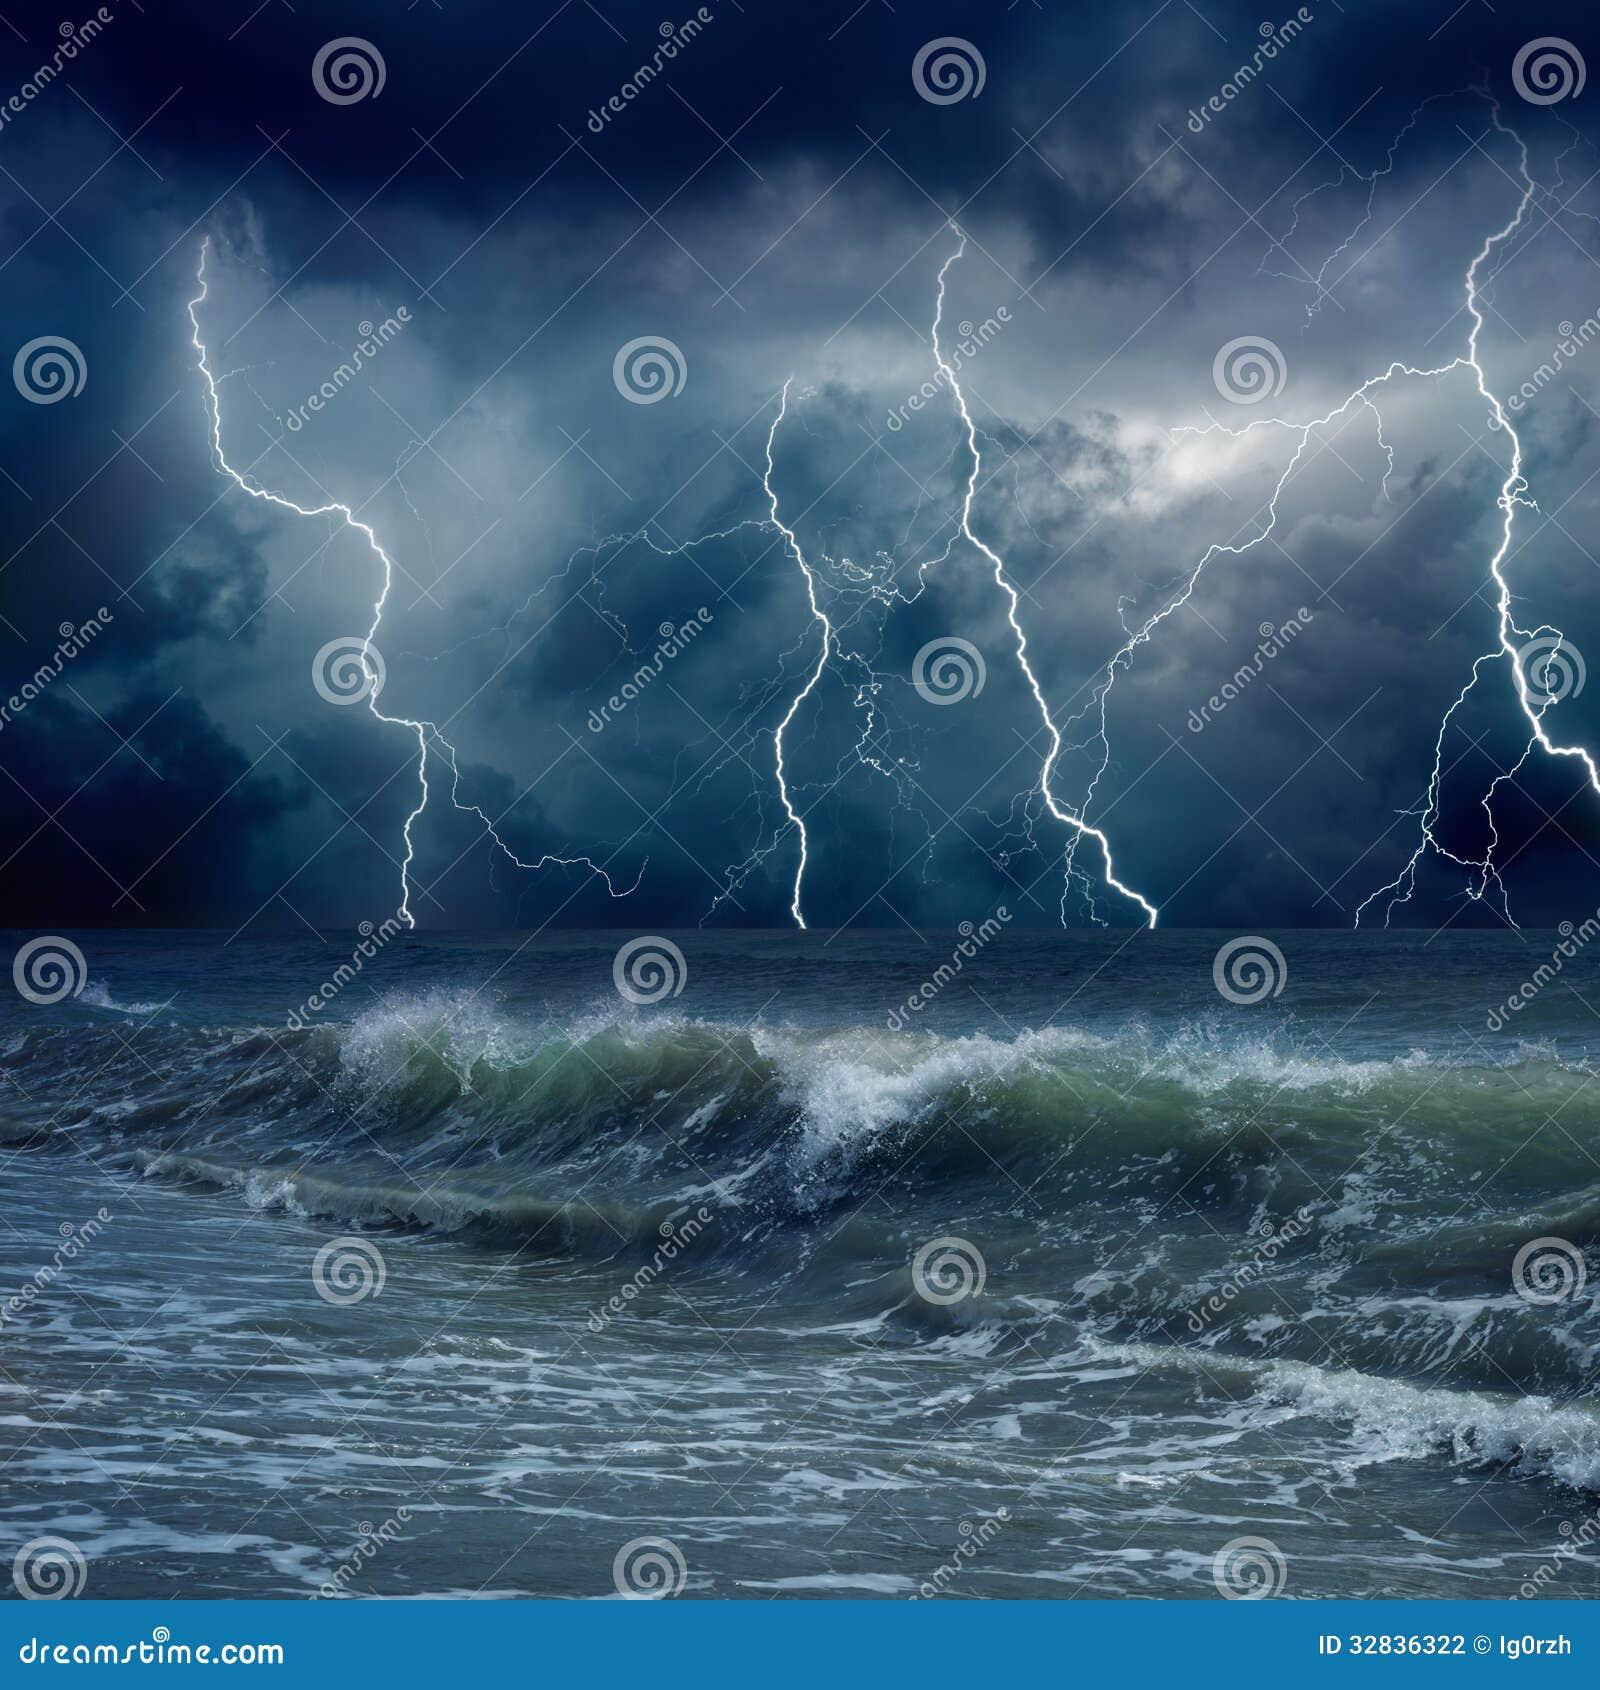 暴风雨効�+�.9.*��f�kd_多暴风雨的天气